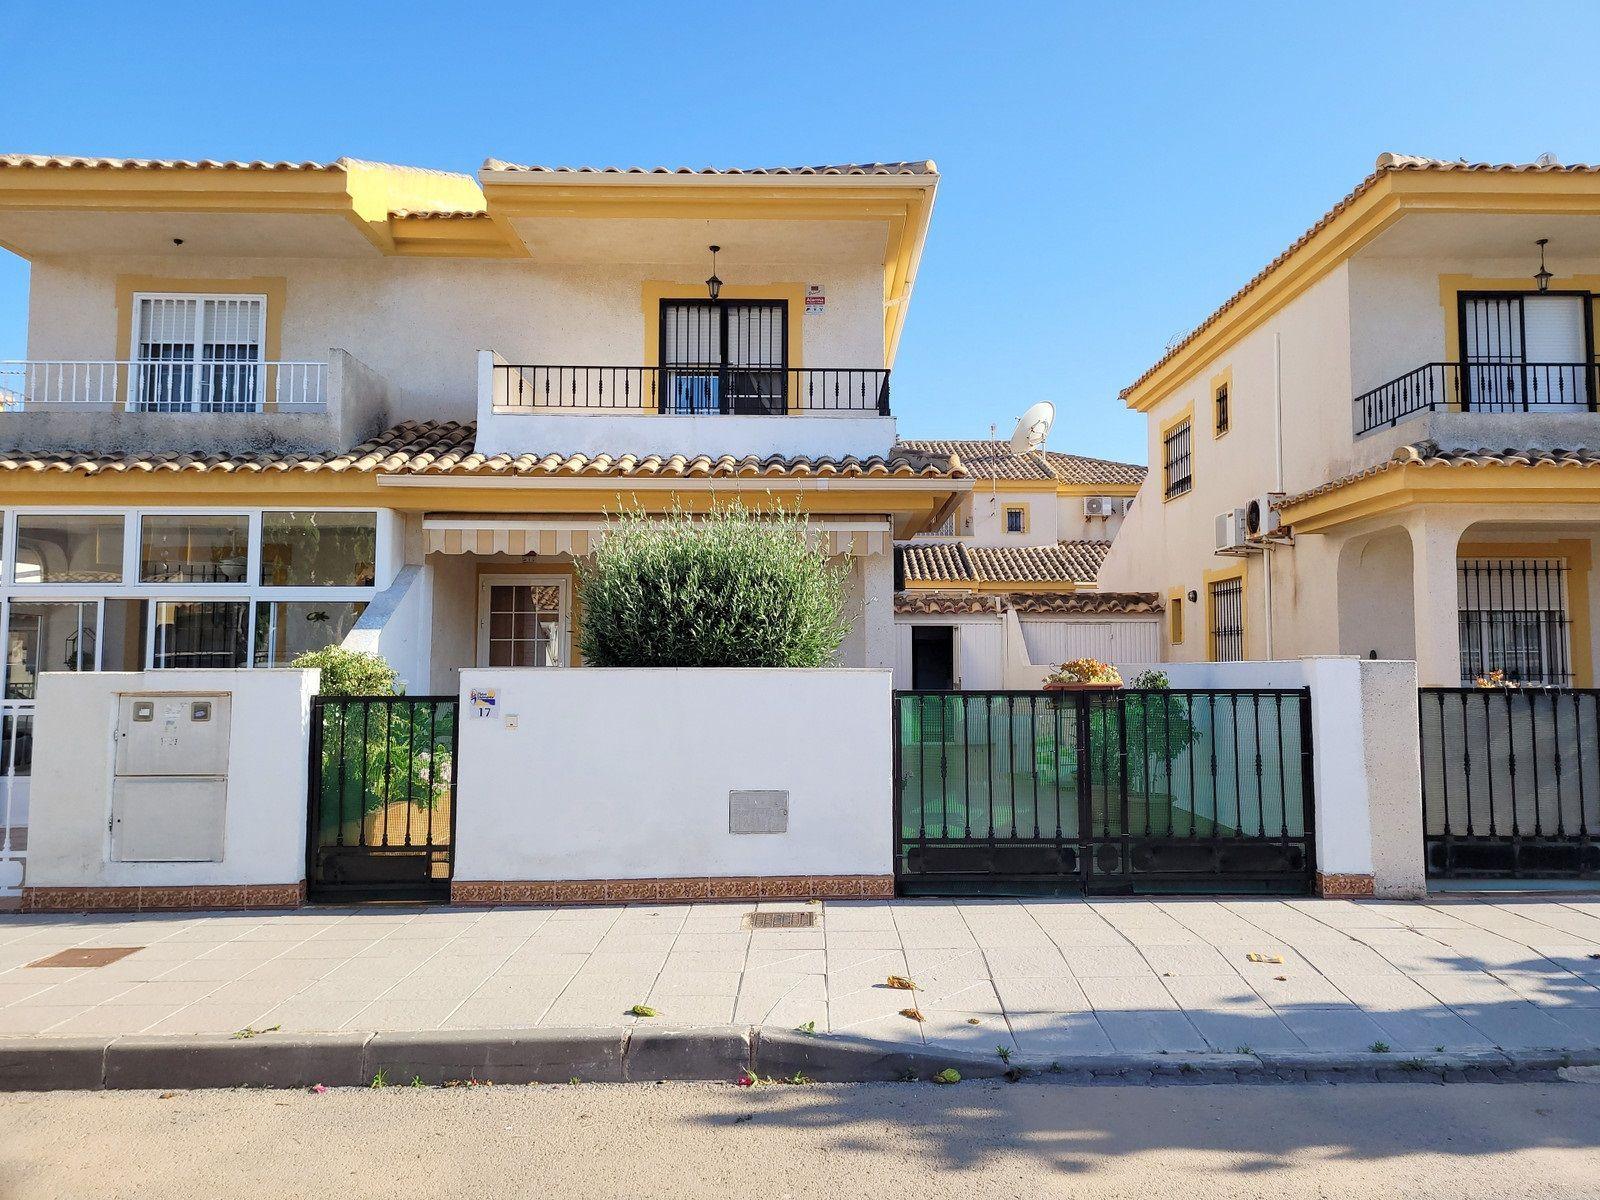 Casa / Chalet en Pilar de la Horadada, El Mojón, venta